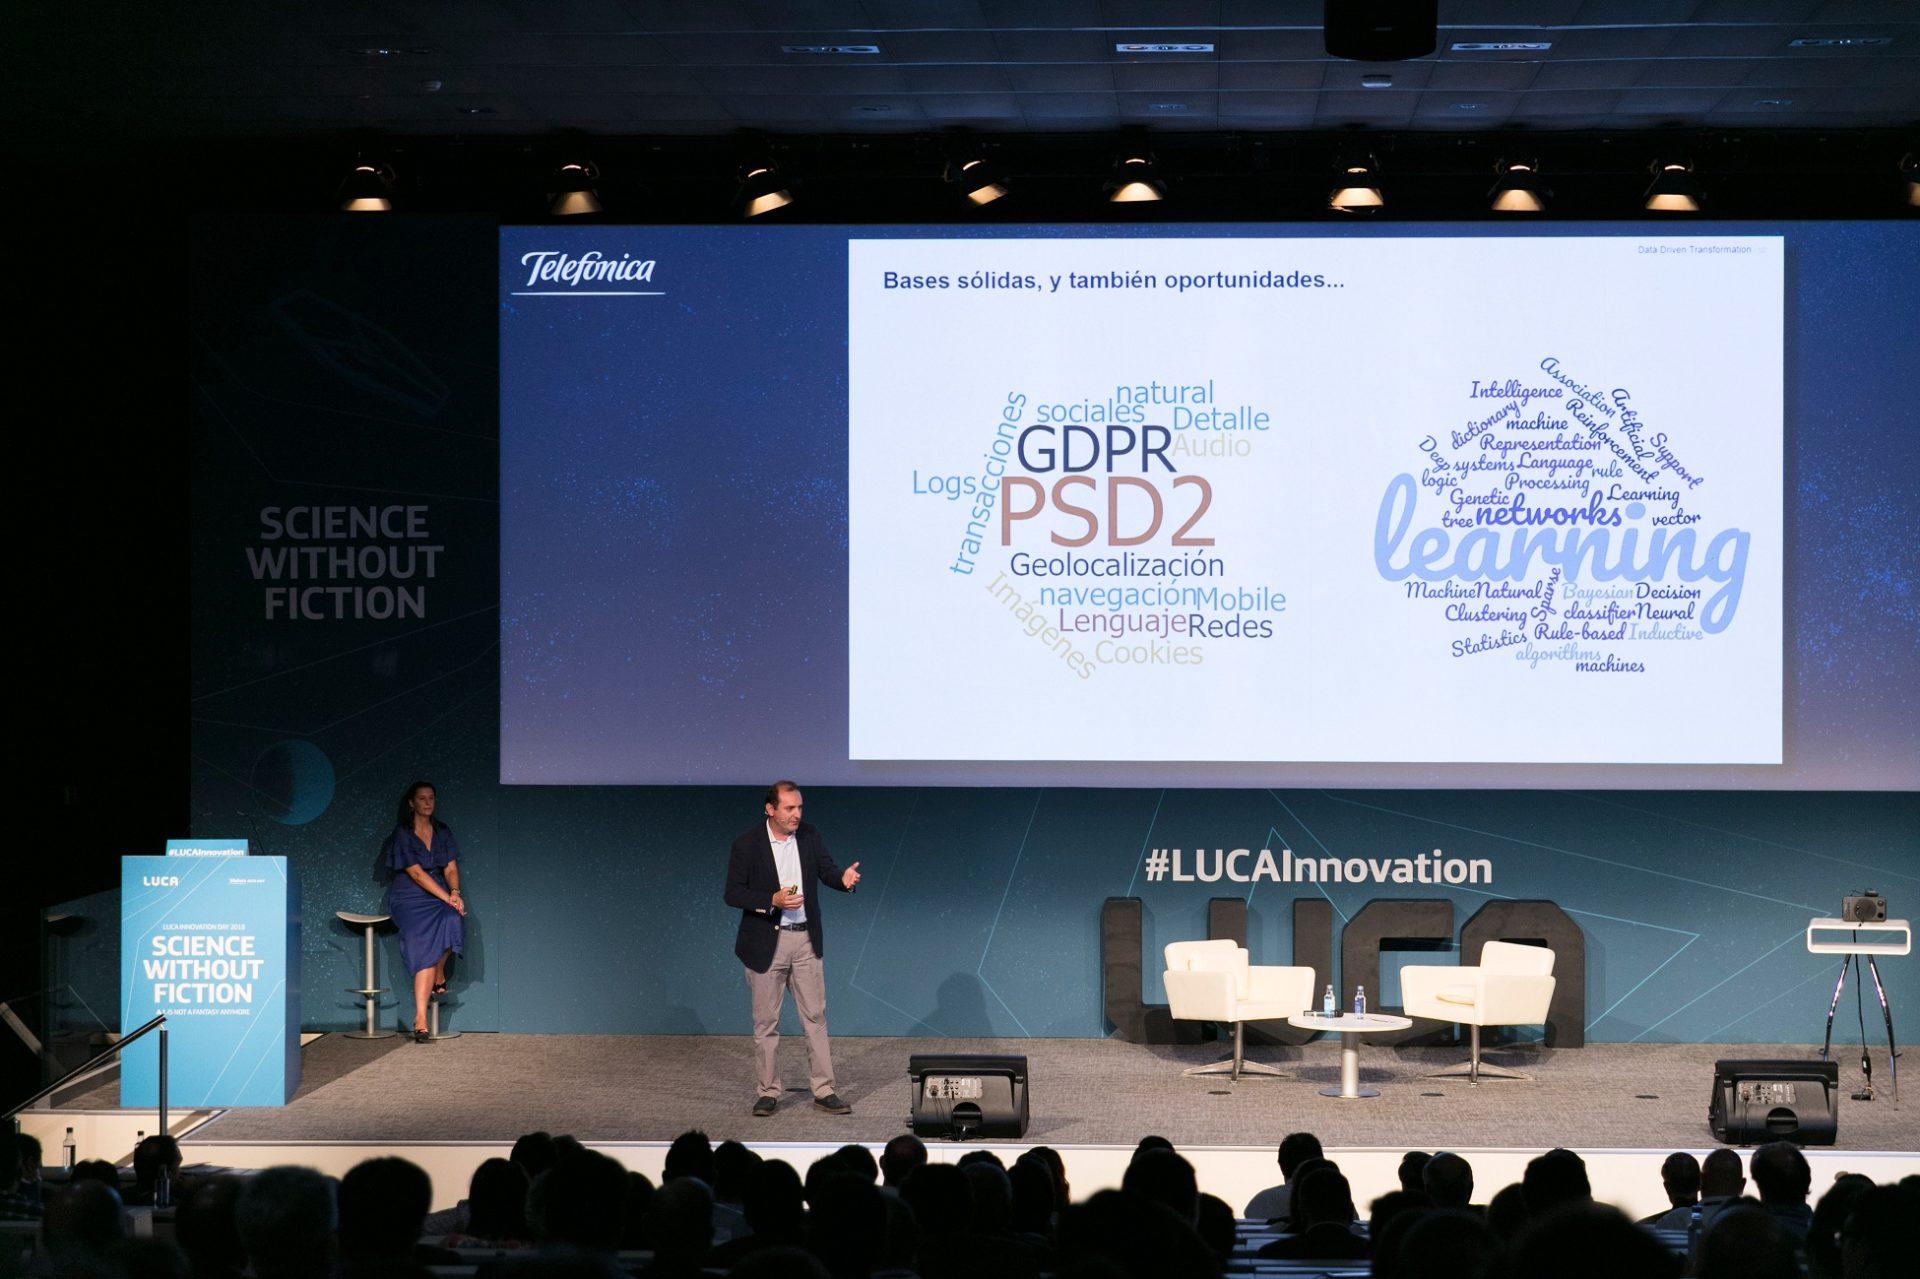 luca-innovation-bbva